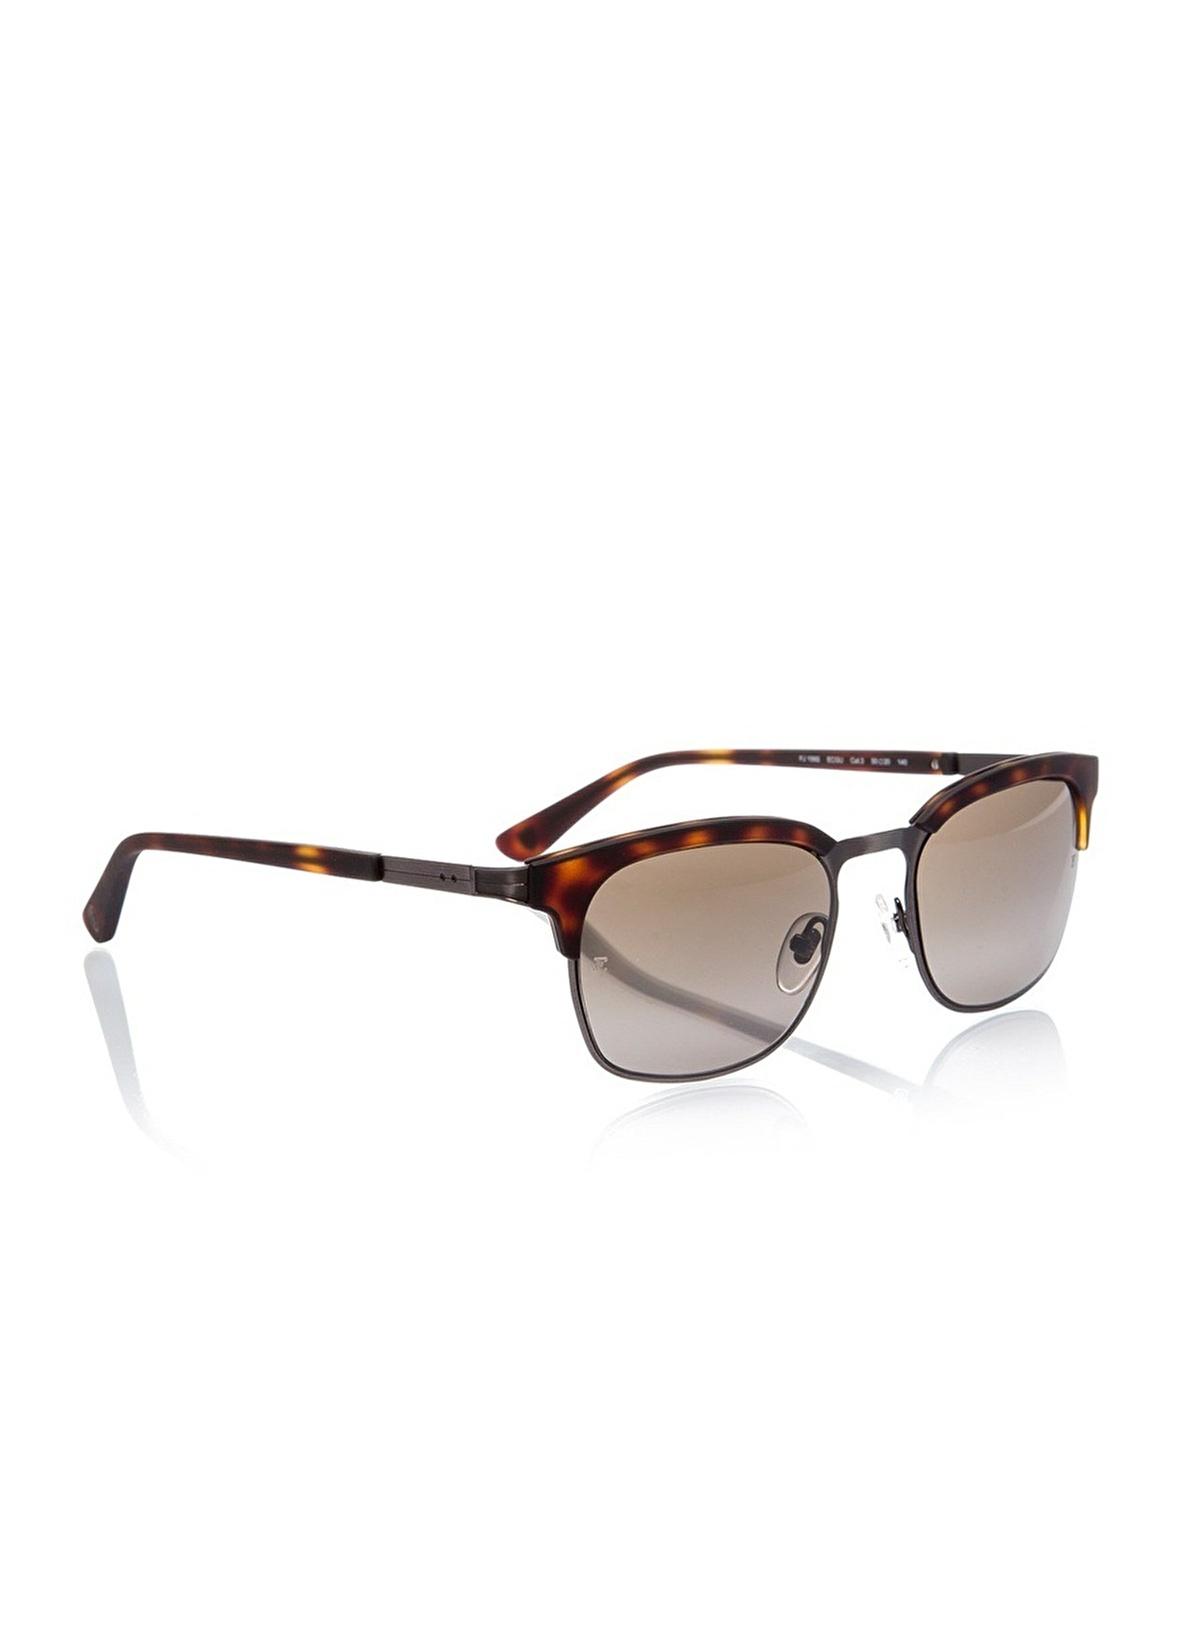 Façonnable Güneş Gözlüğü F 156s Ecgu Güneş Gözlükleri – 686.99 TL